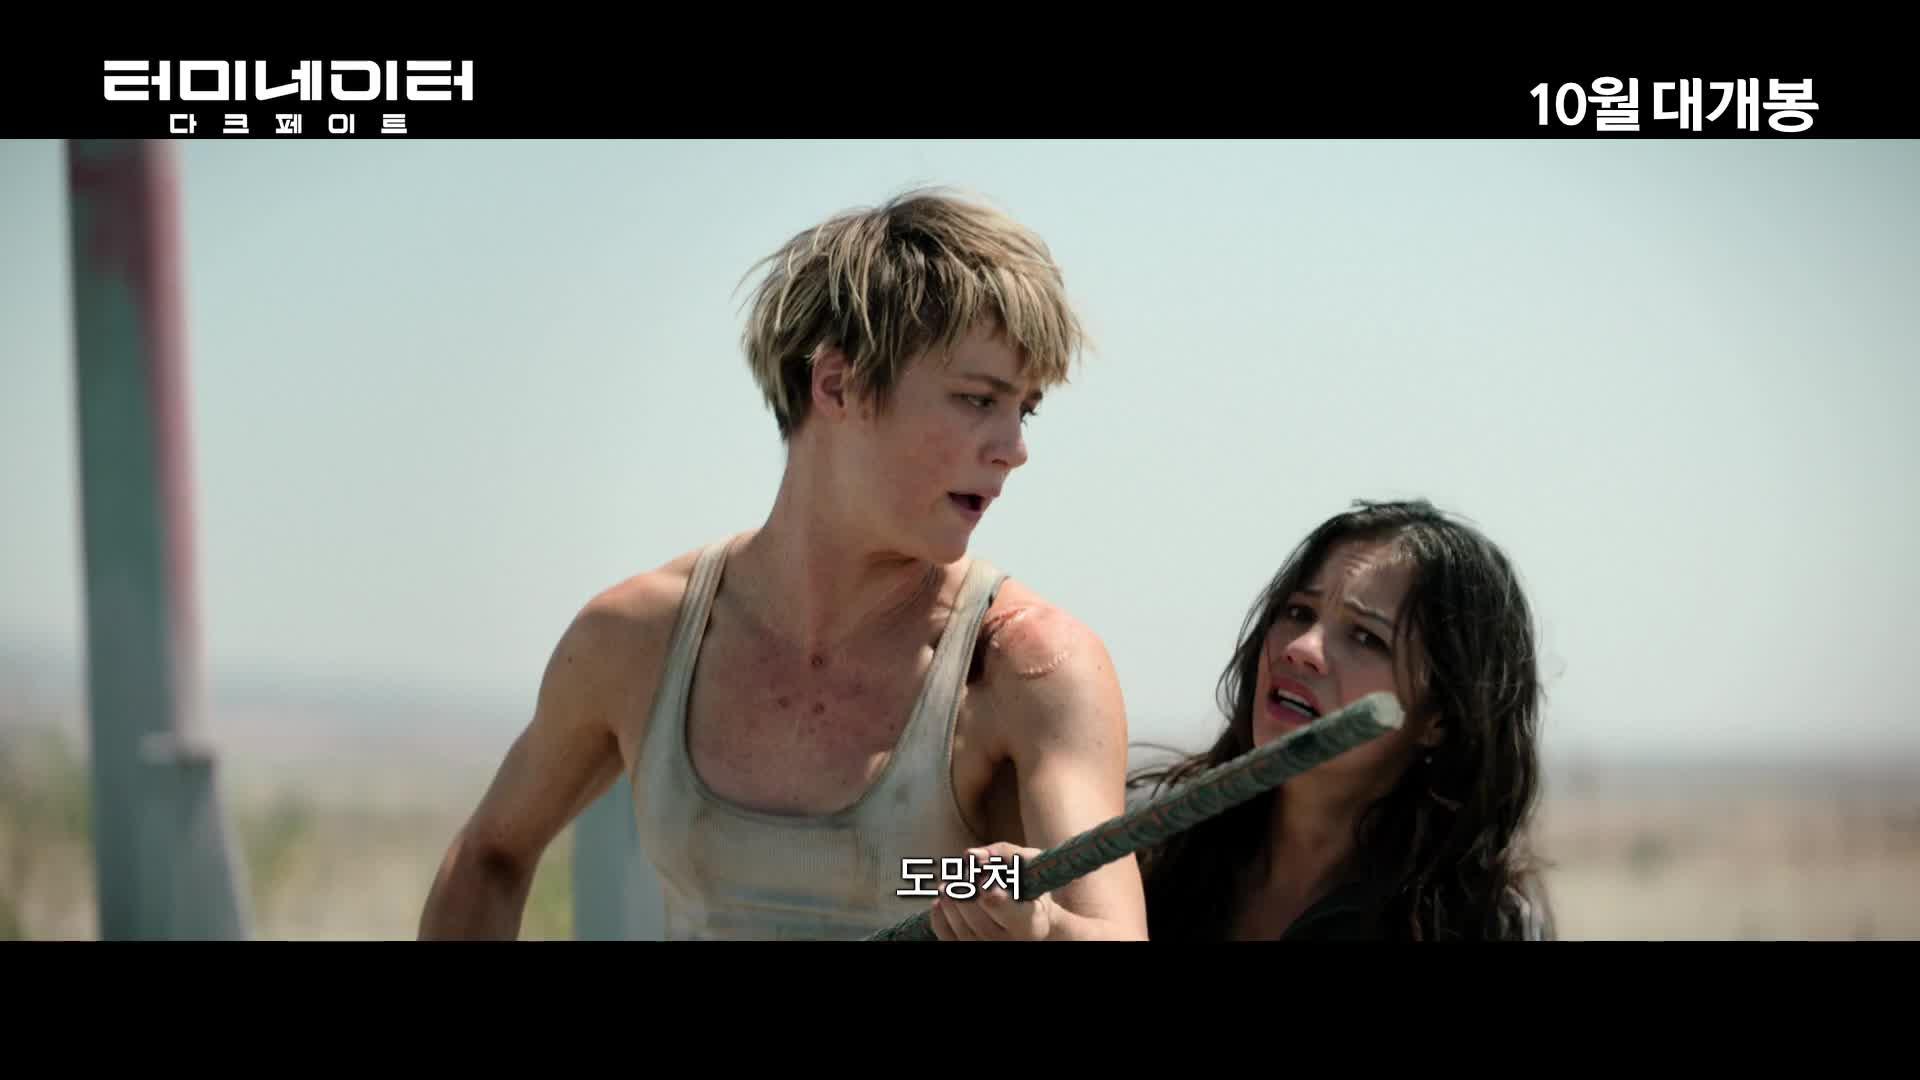 Terminator: Dark Fate - TV Spot #1 [HD] screen capture